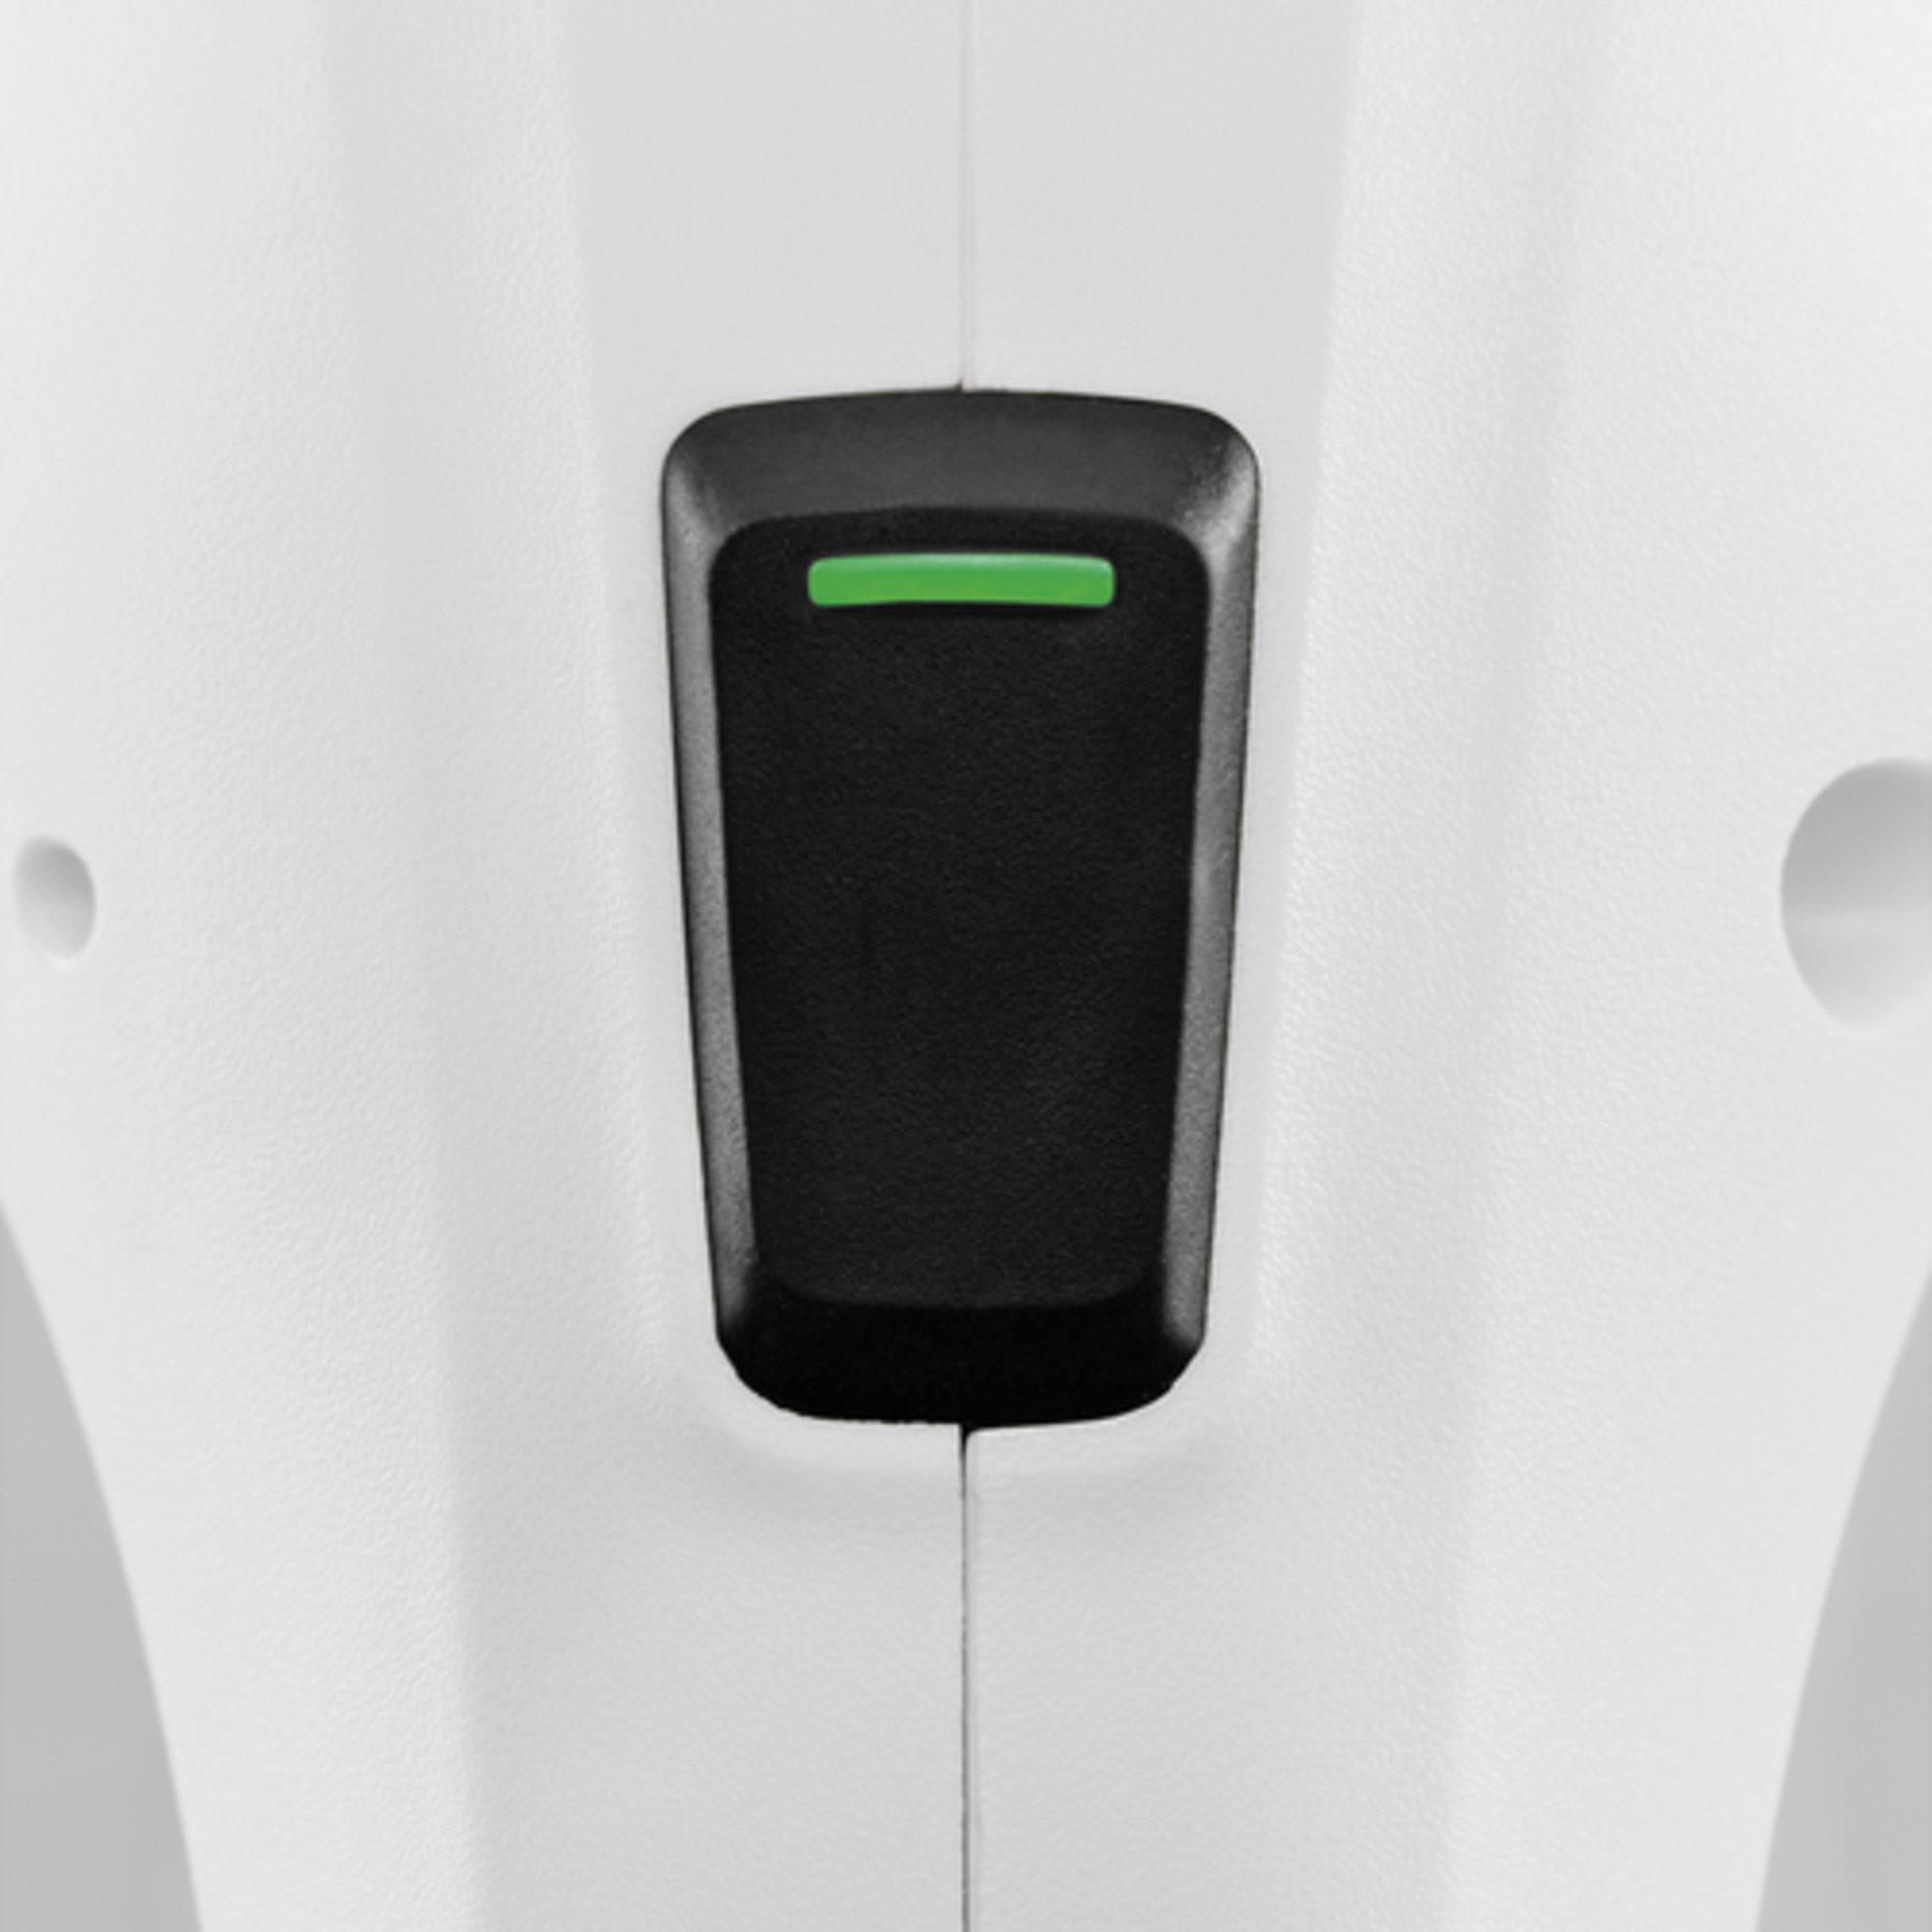 WV 1 Premium: Vaateulatuses LED-näidik